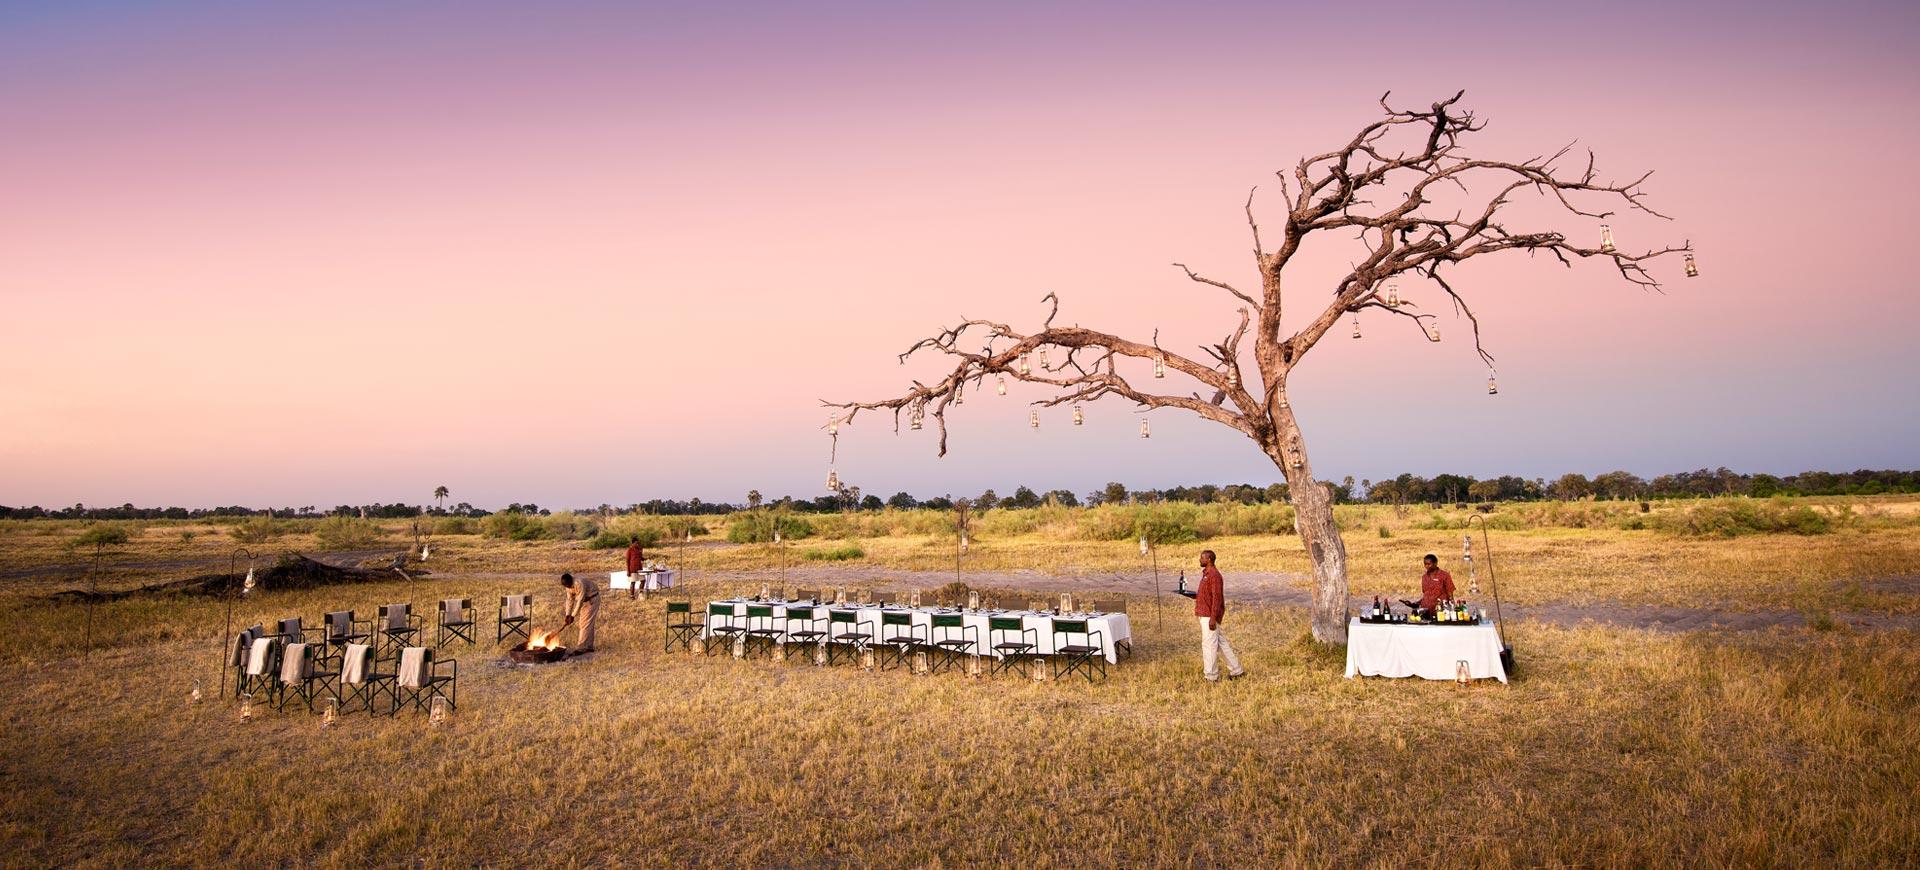 Africa Ecotourism Safaris